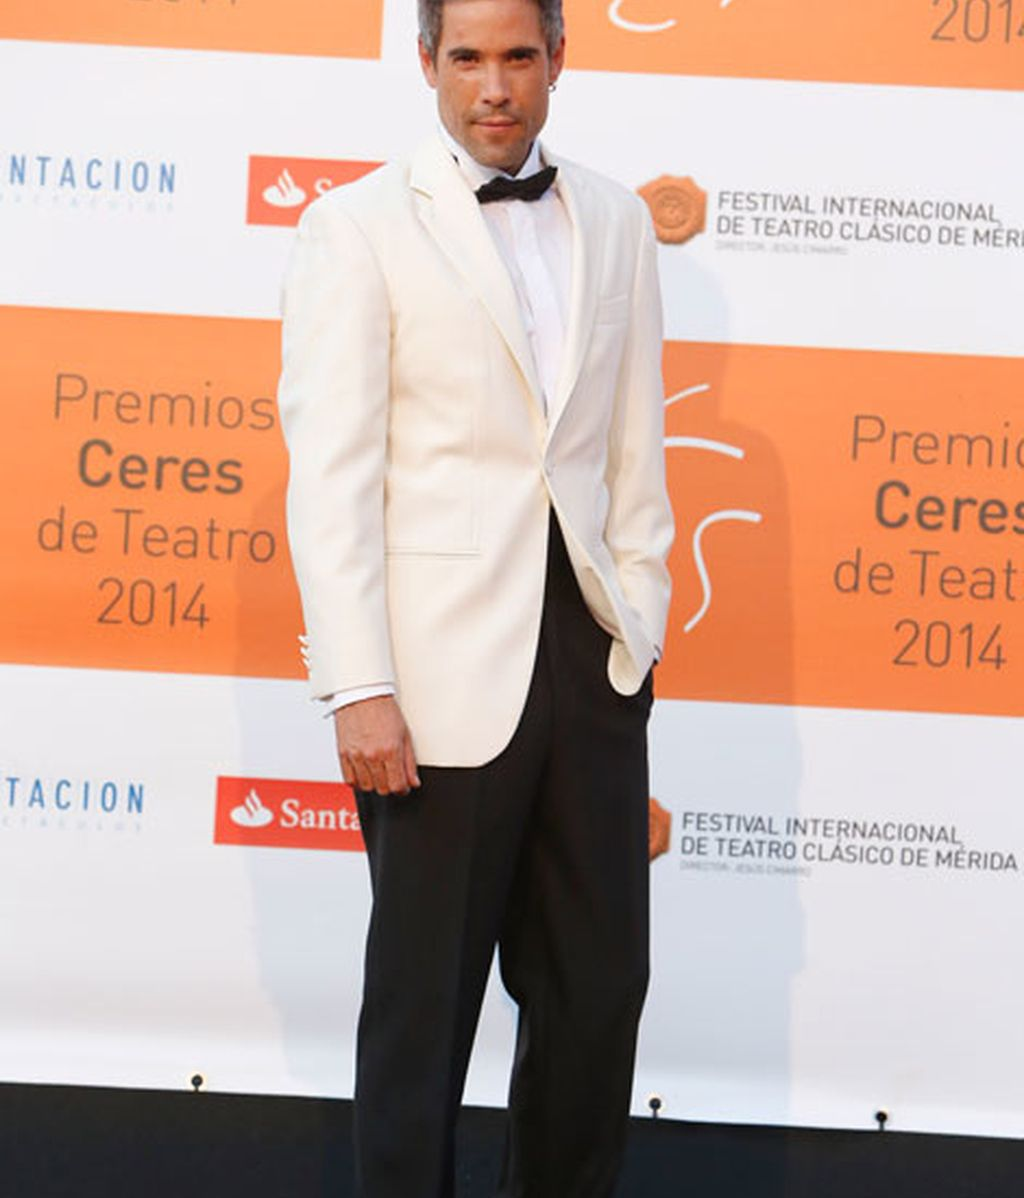 Unax Ugalde también participó en la gala